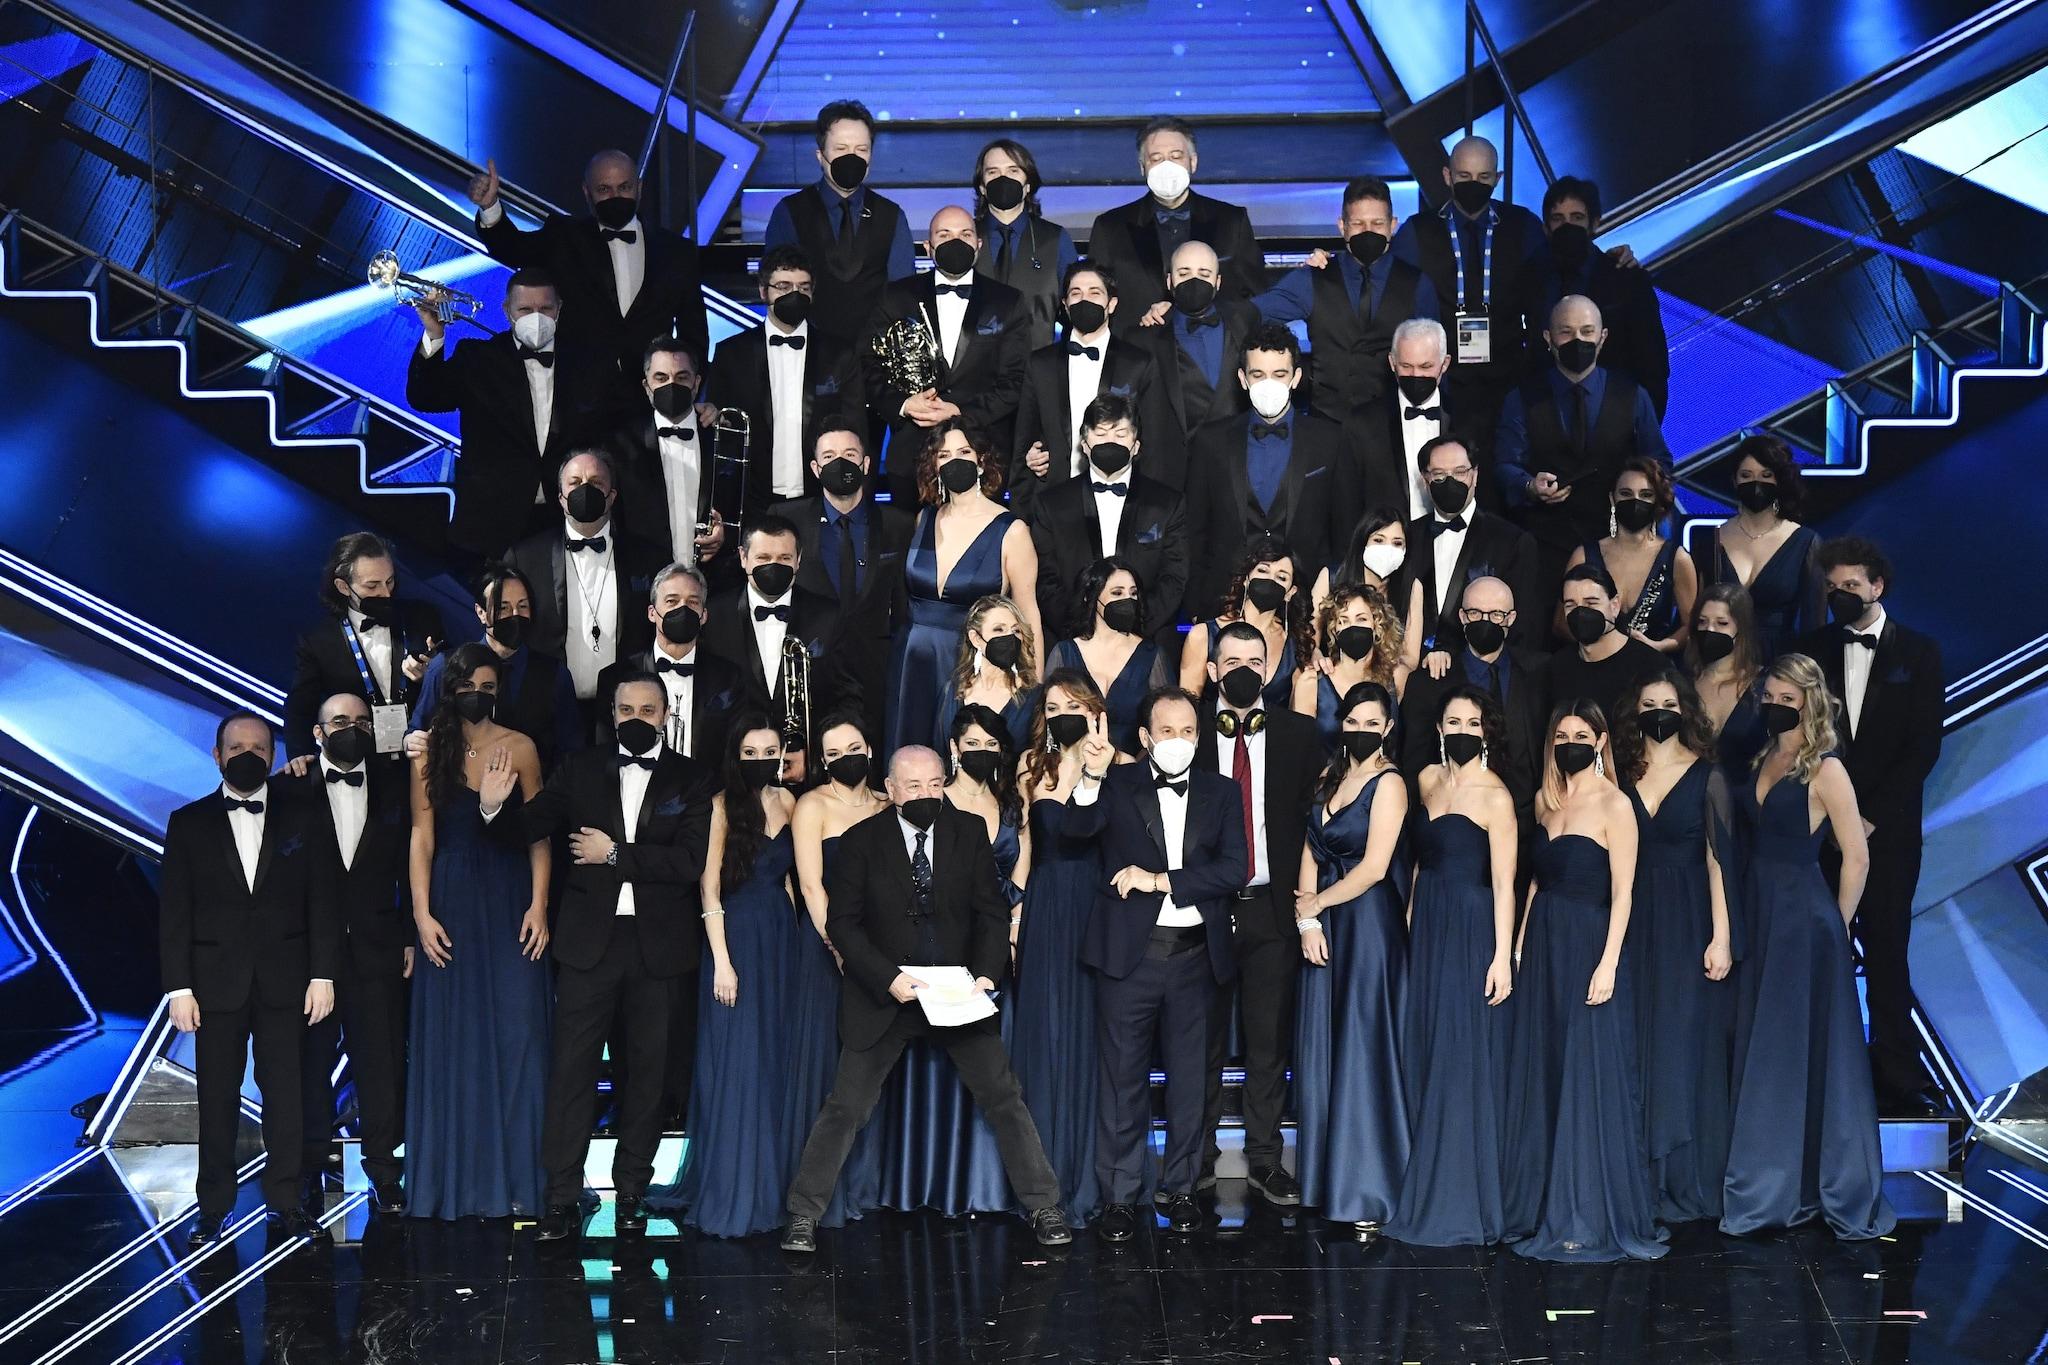 L'orchestra del Festival di Sanremo 2021